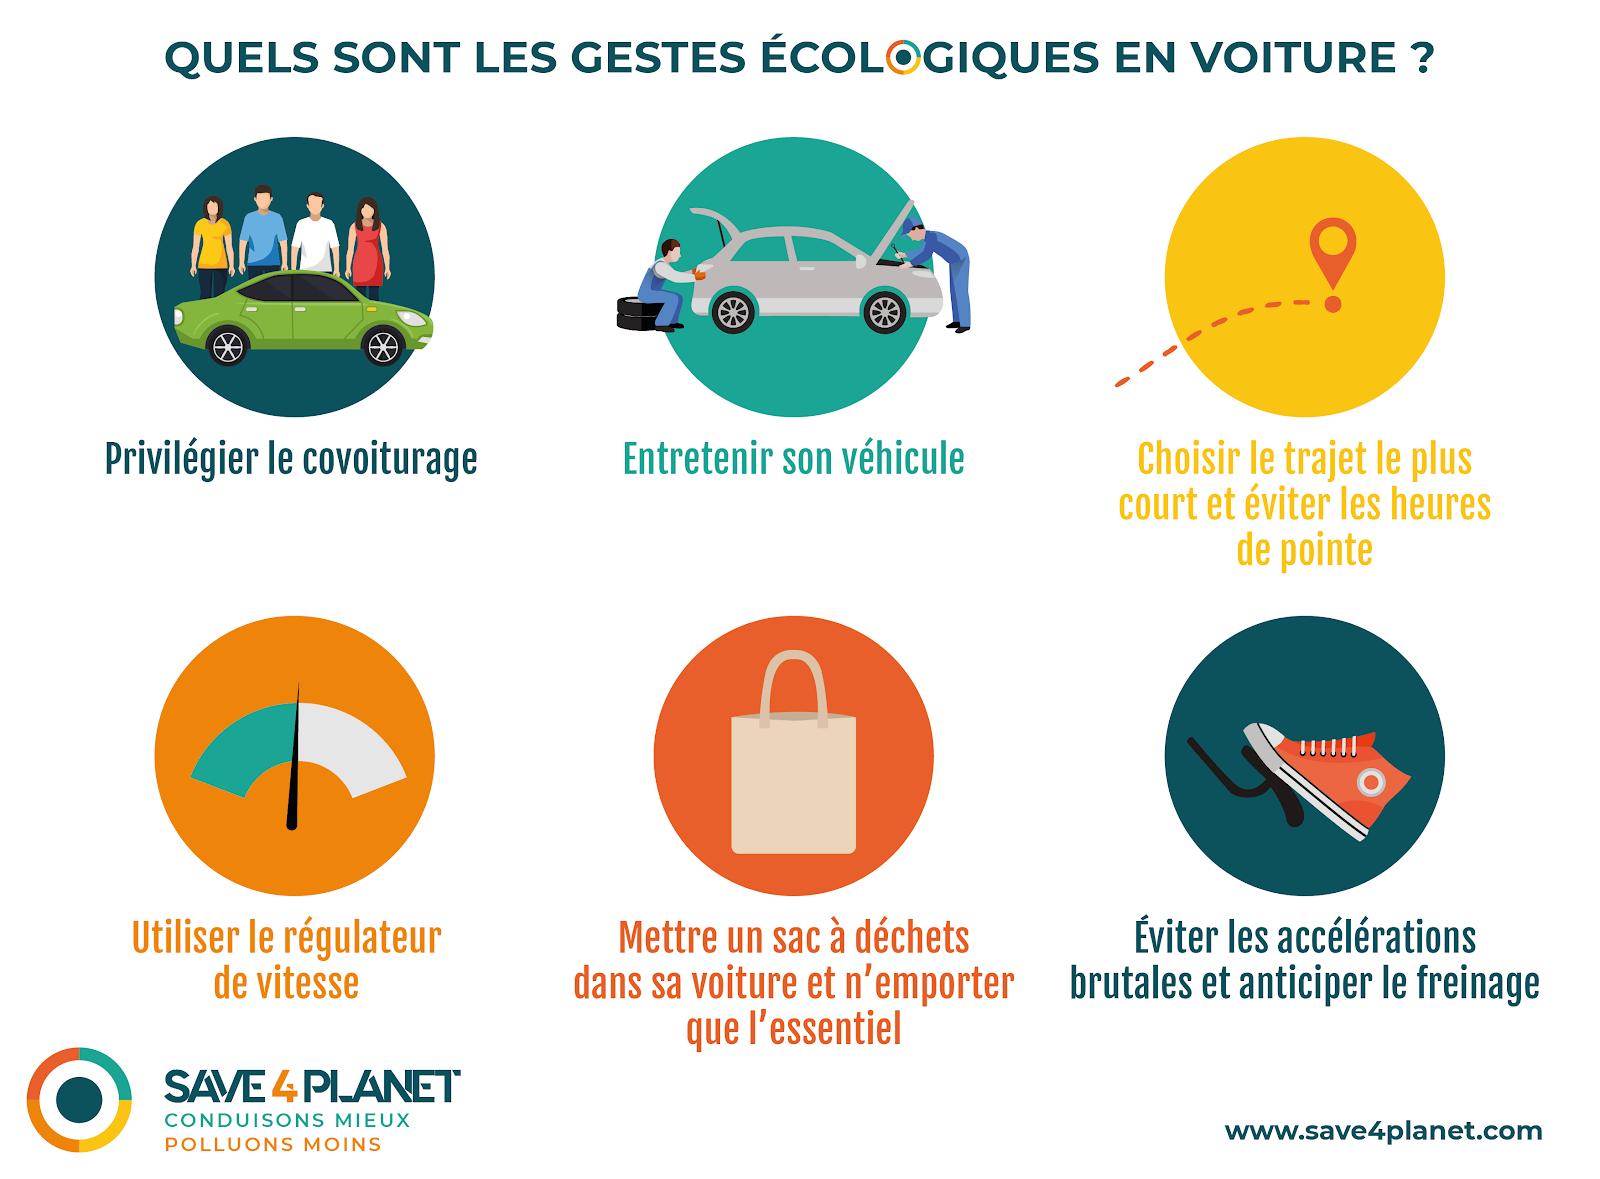 Gestes écologiques en voiture - Schéma Julie Blanc